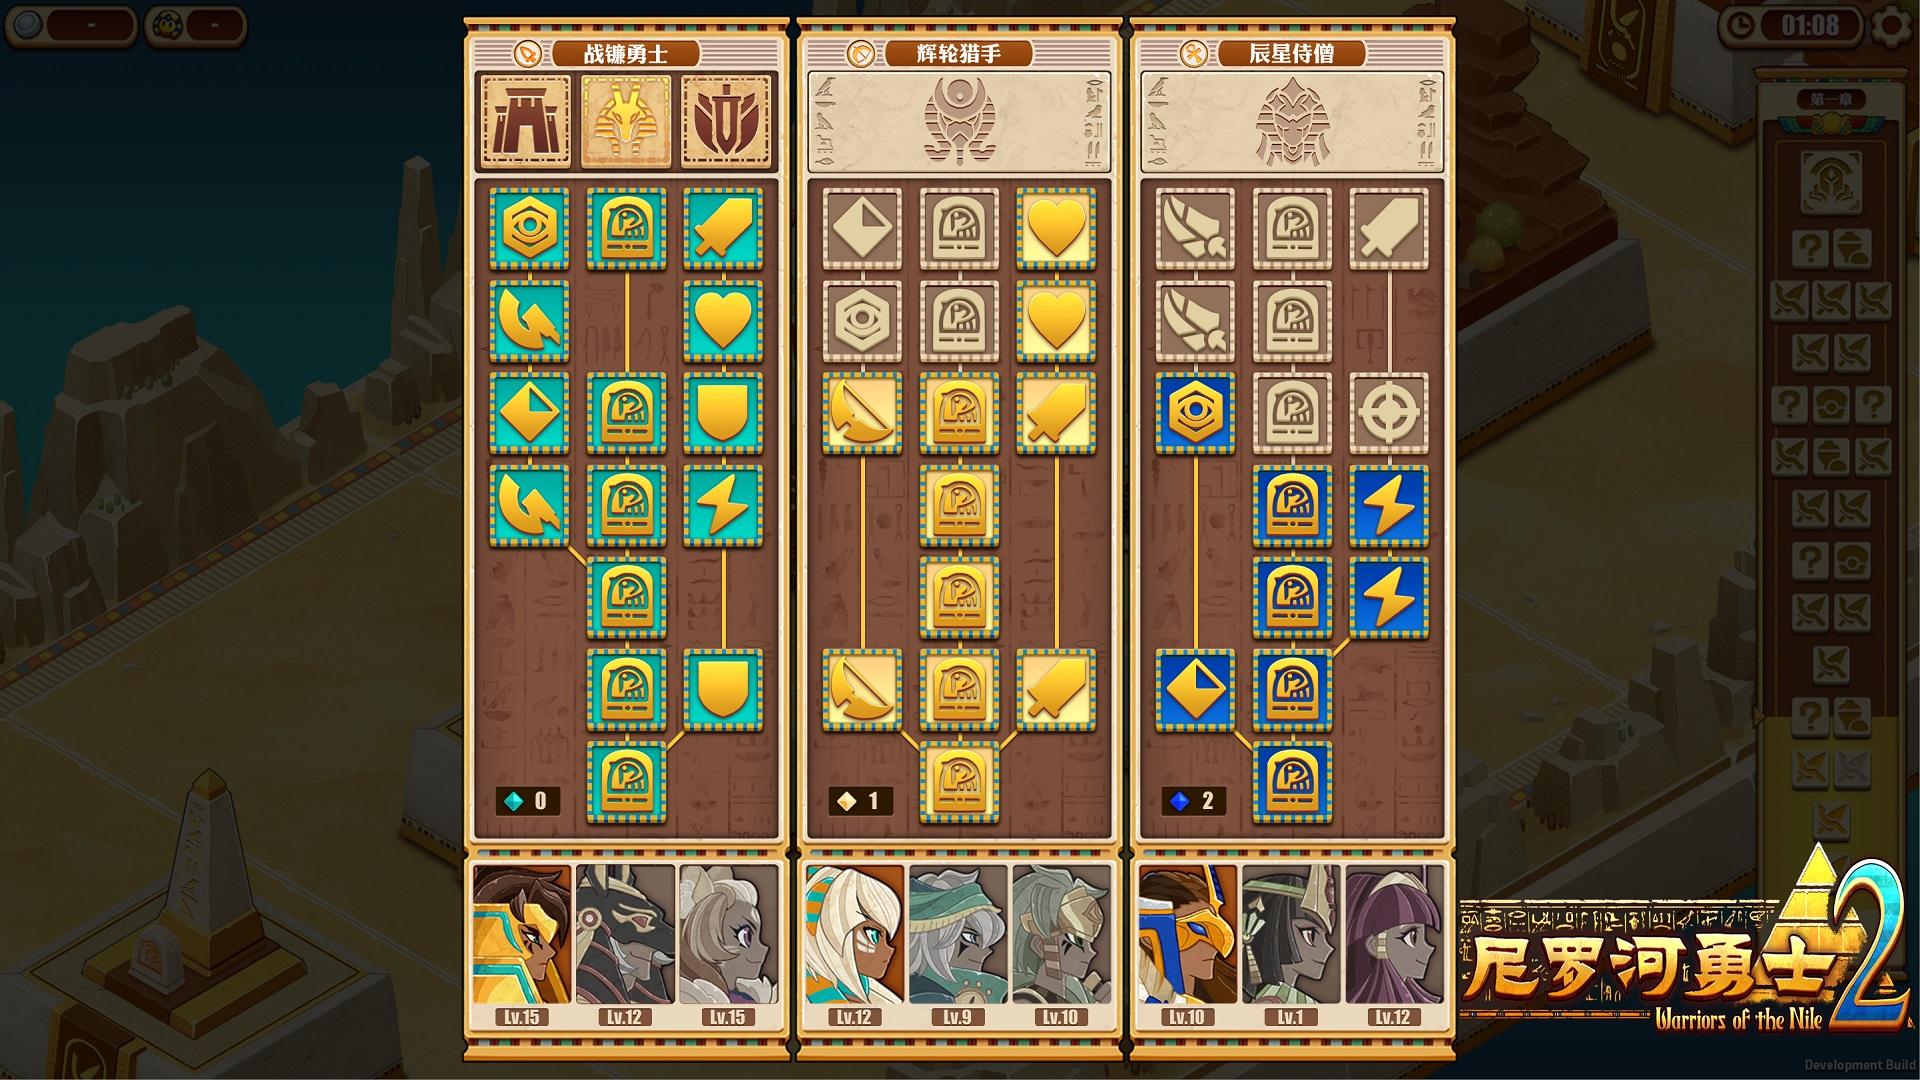 《尼罗河勇士2》体验版上架 初代玩家可享专属福利